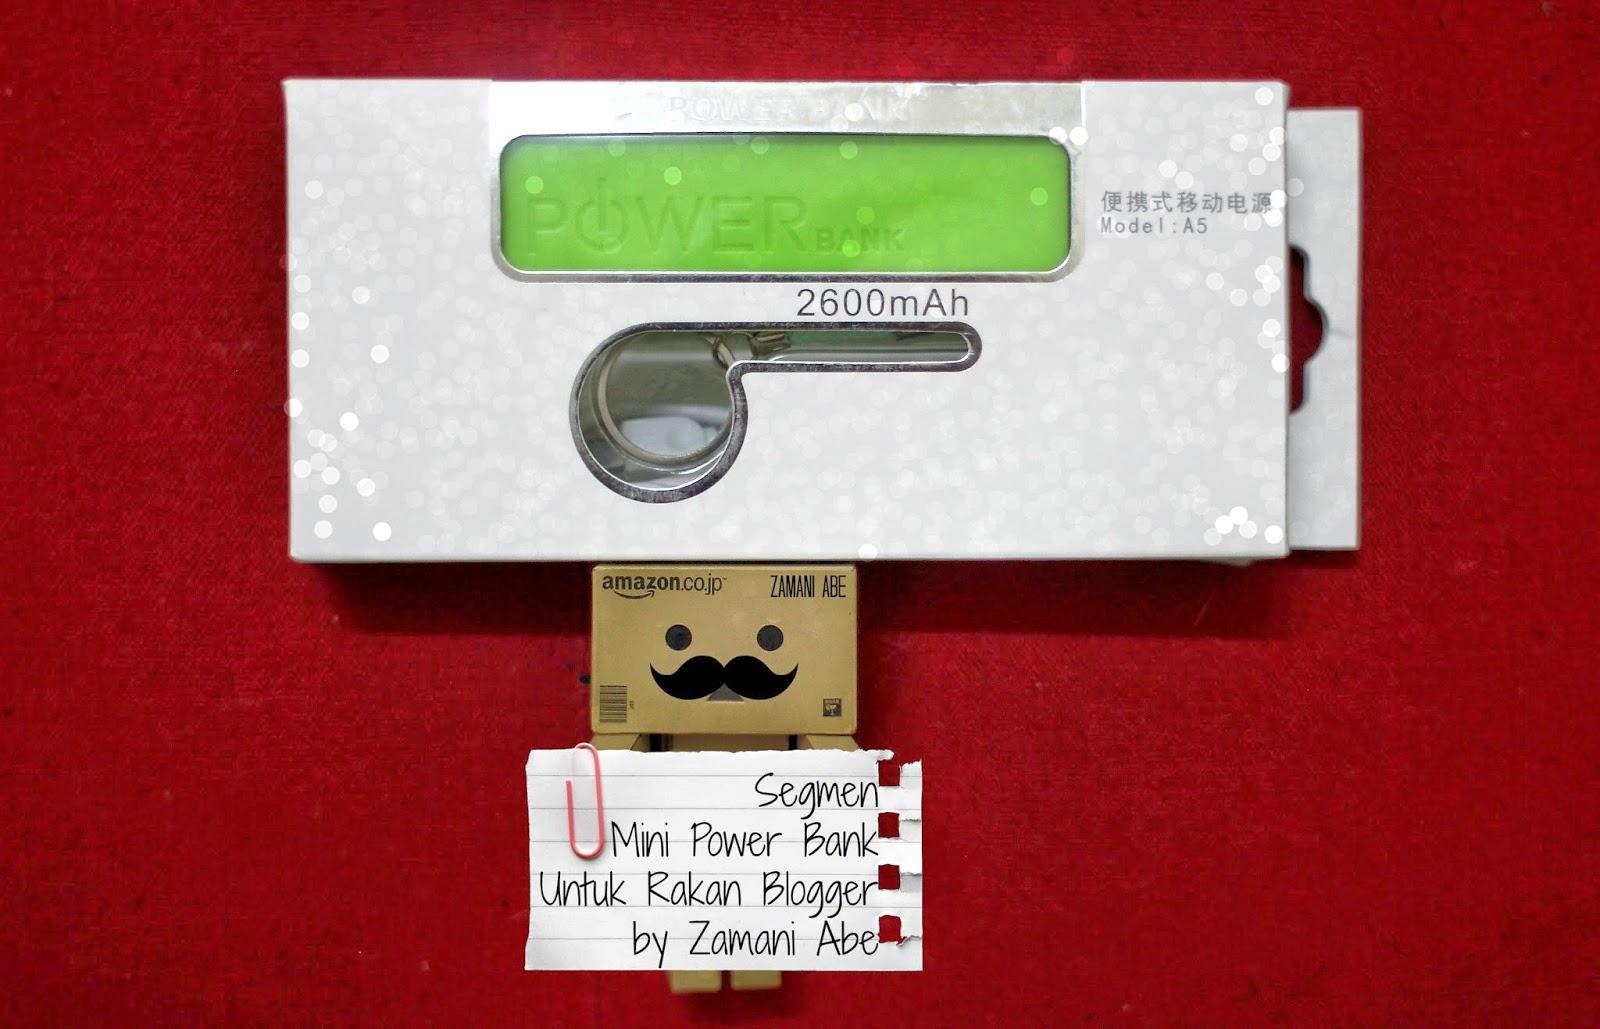 http://zamani84.blogspot.com/2014/03/segmen-mini-power-bank-untuk-rakan.html